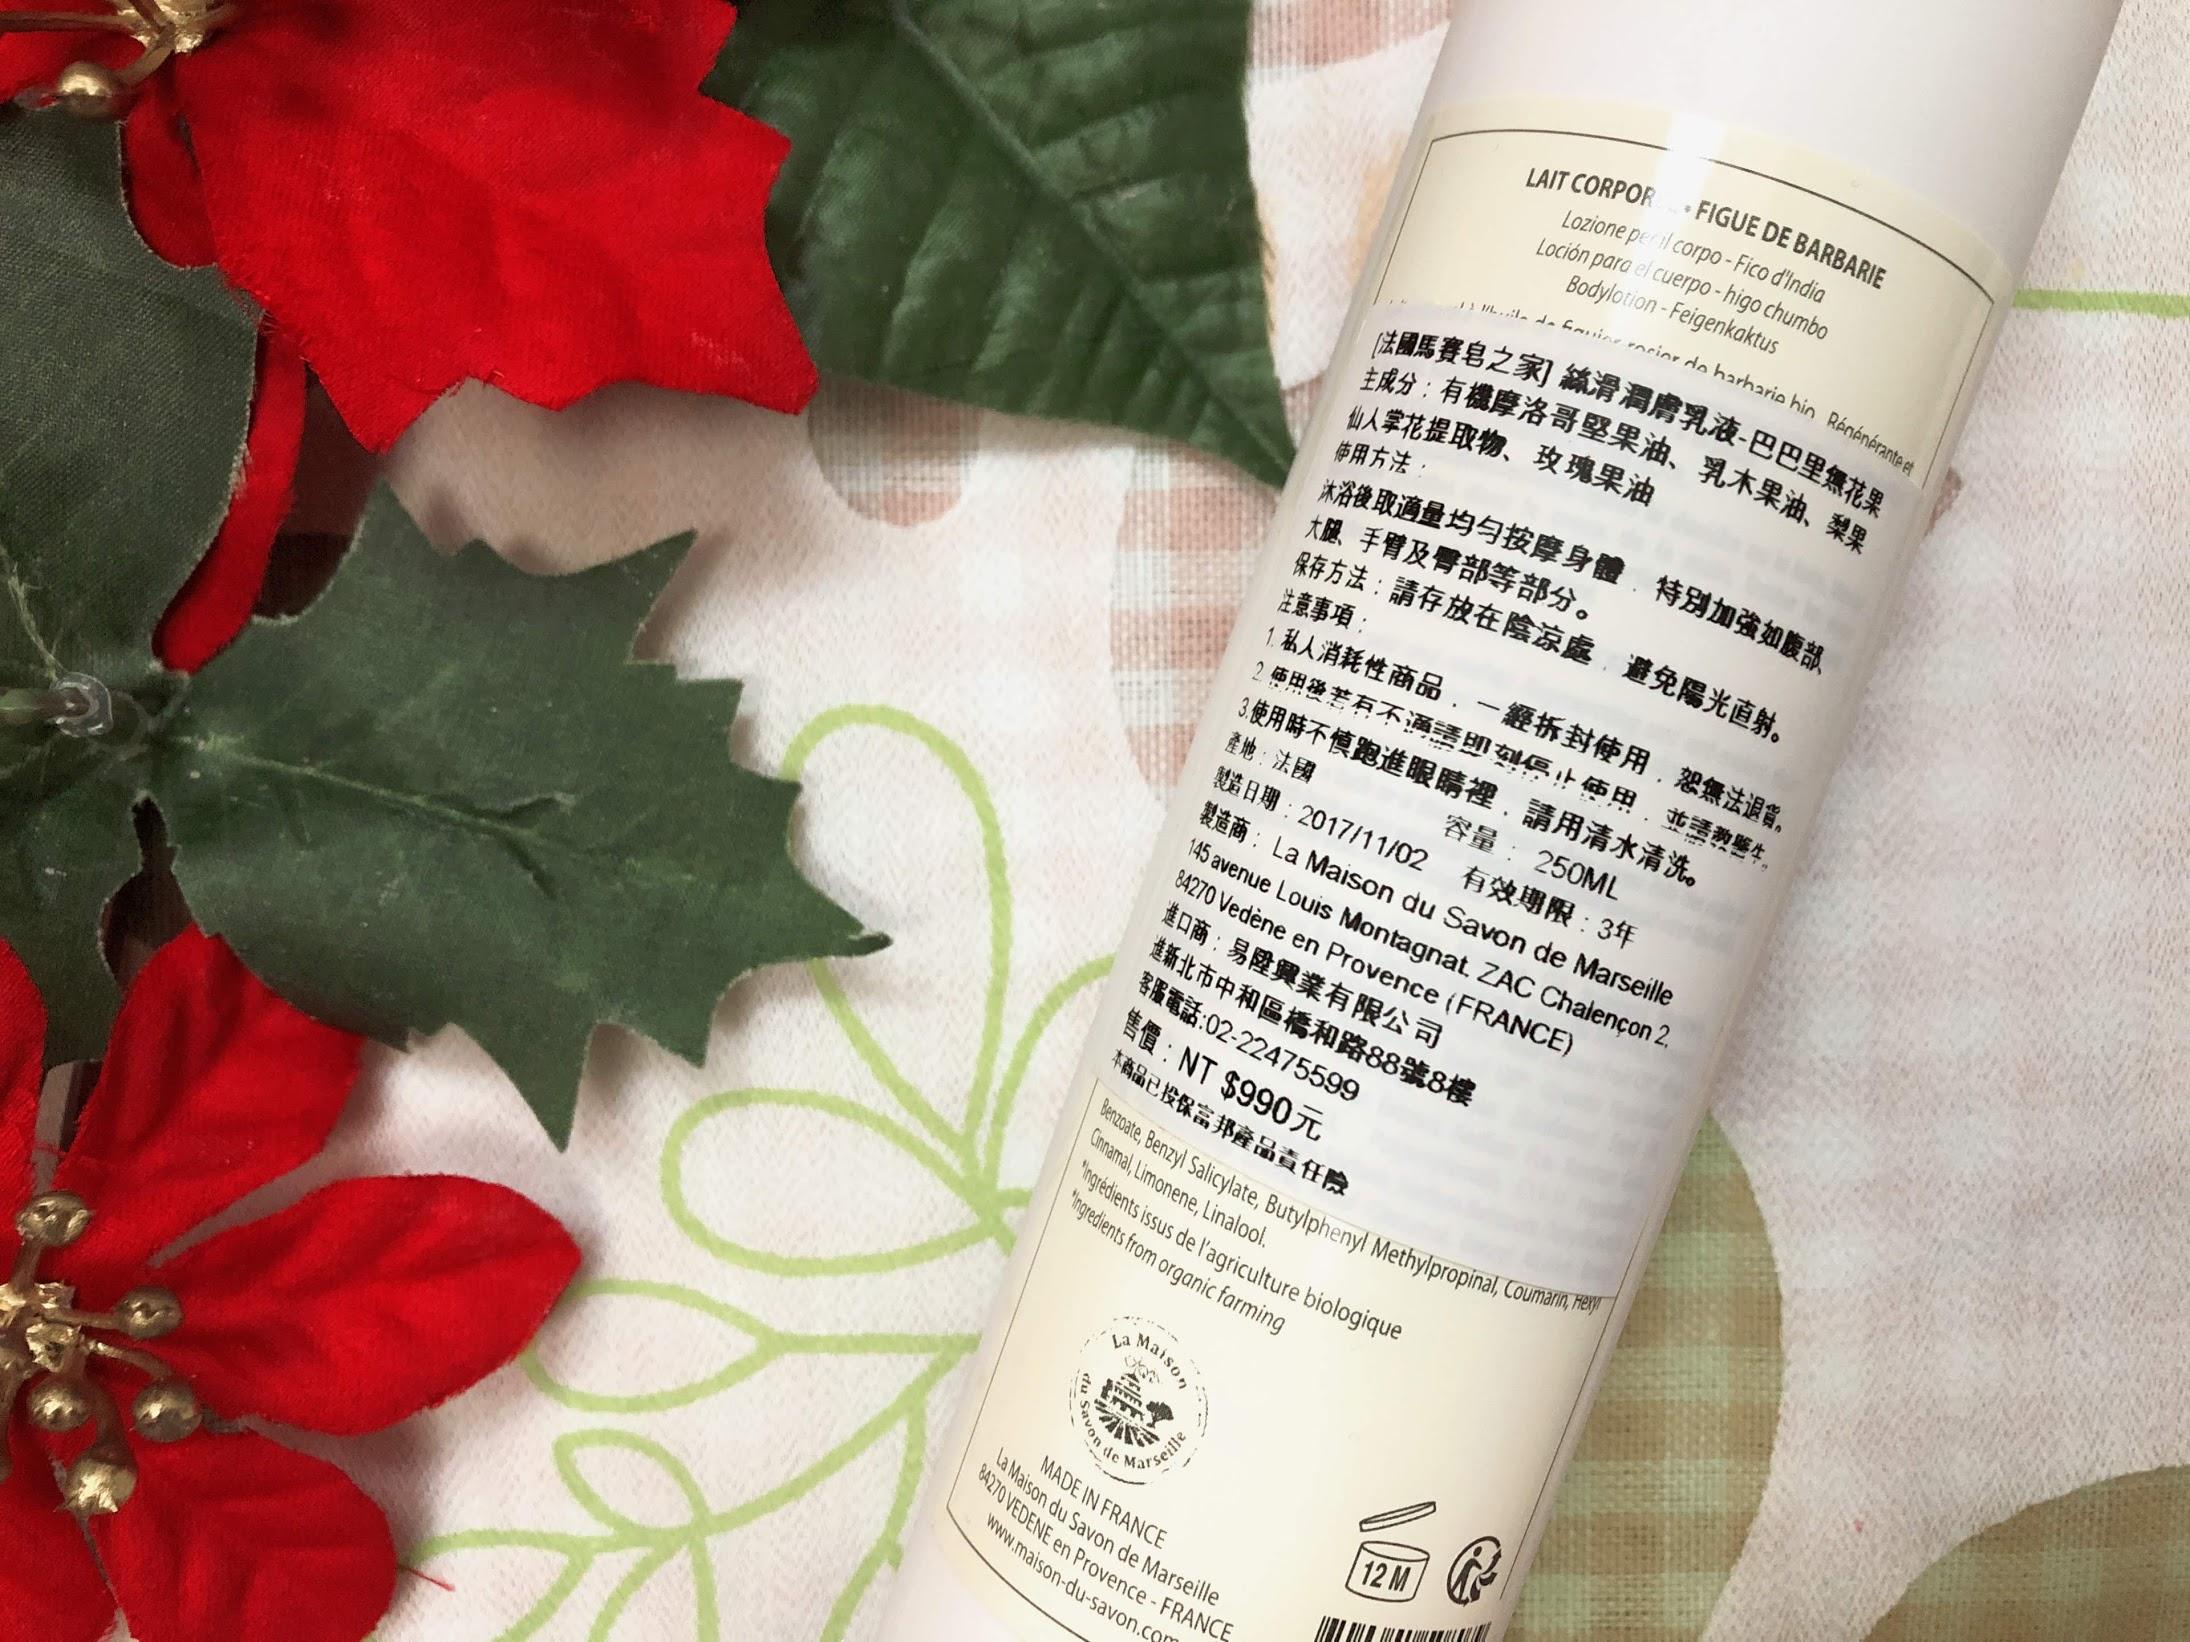 純淨生活提案|正統馬賽皂推薦-『純淨、天然、安全』從頭洗到腳也可以 @秤瓶樂遊遊